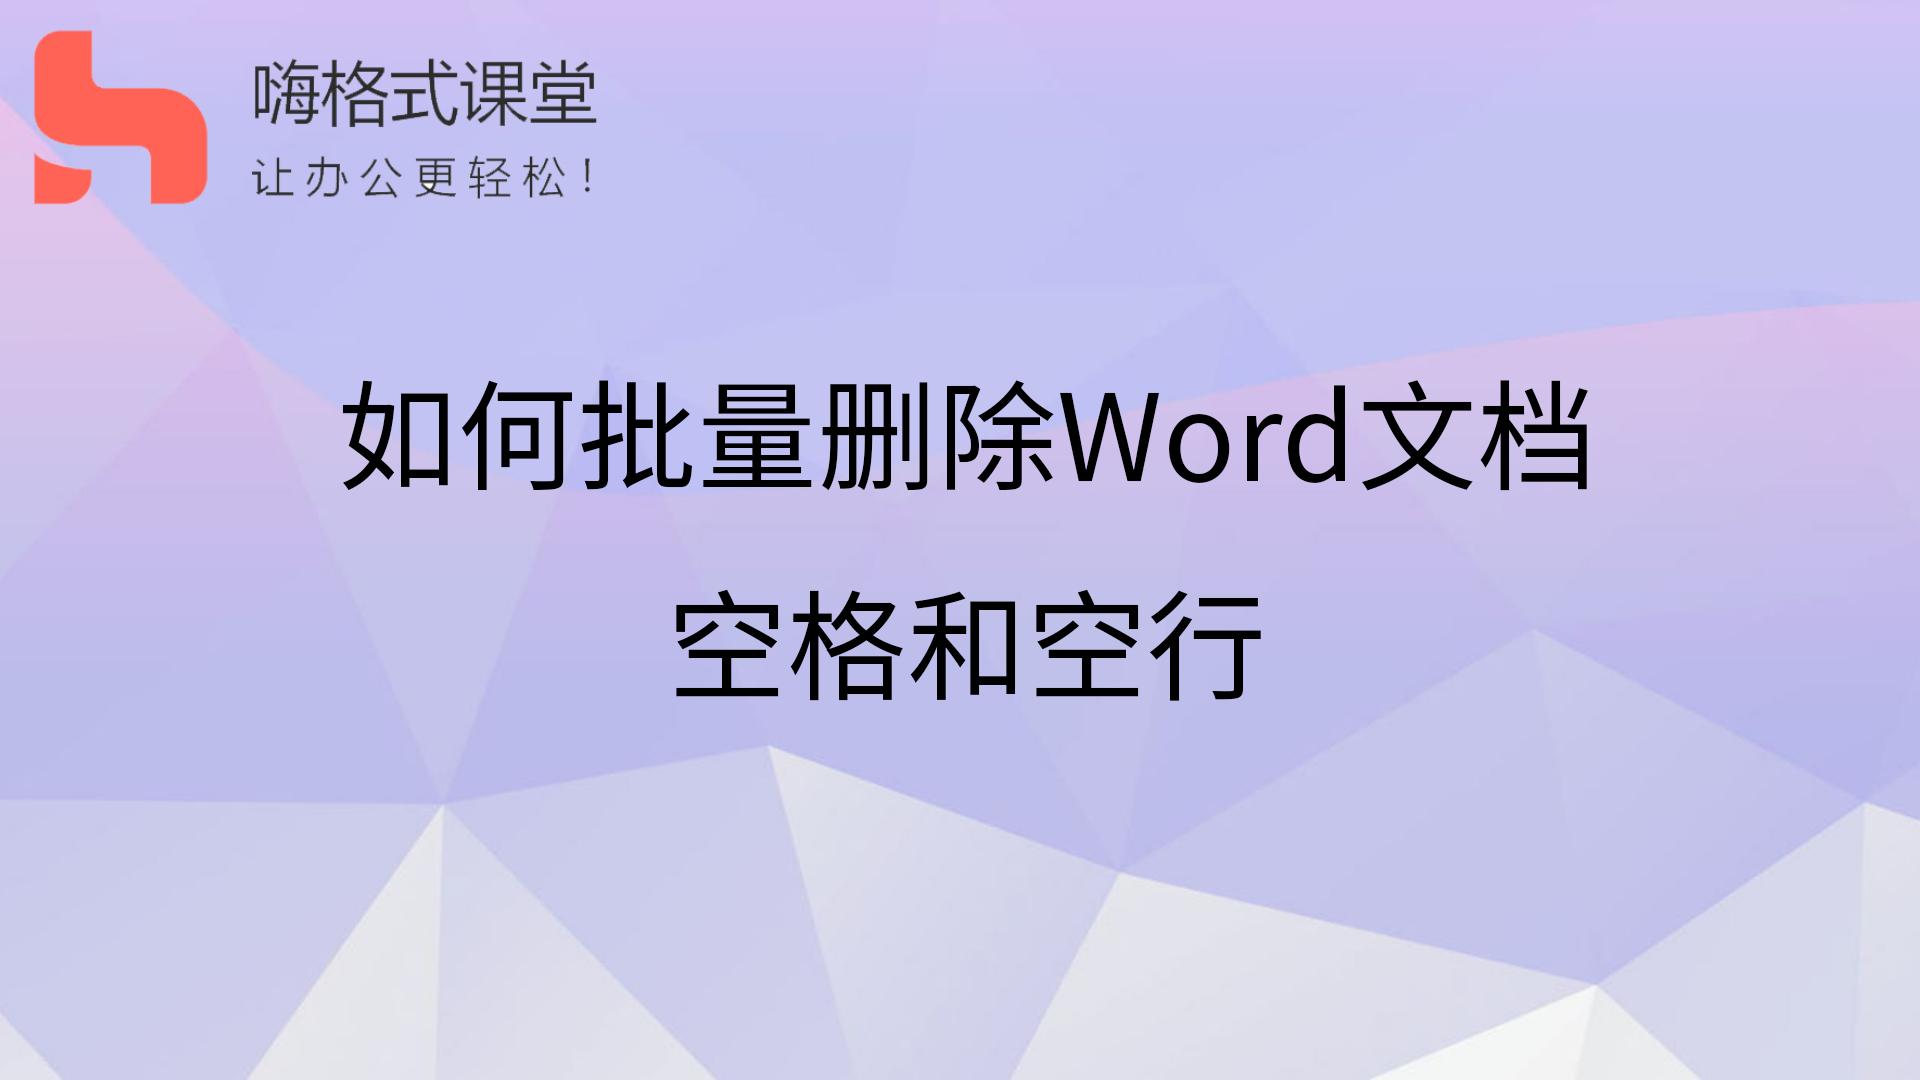 如何批量删除Word文档空格和空行